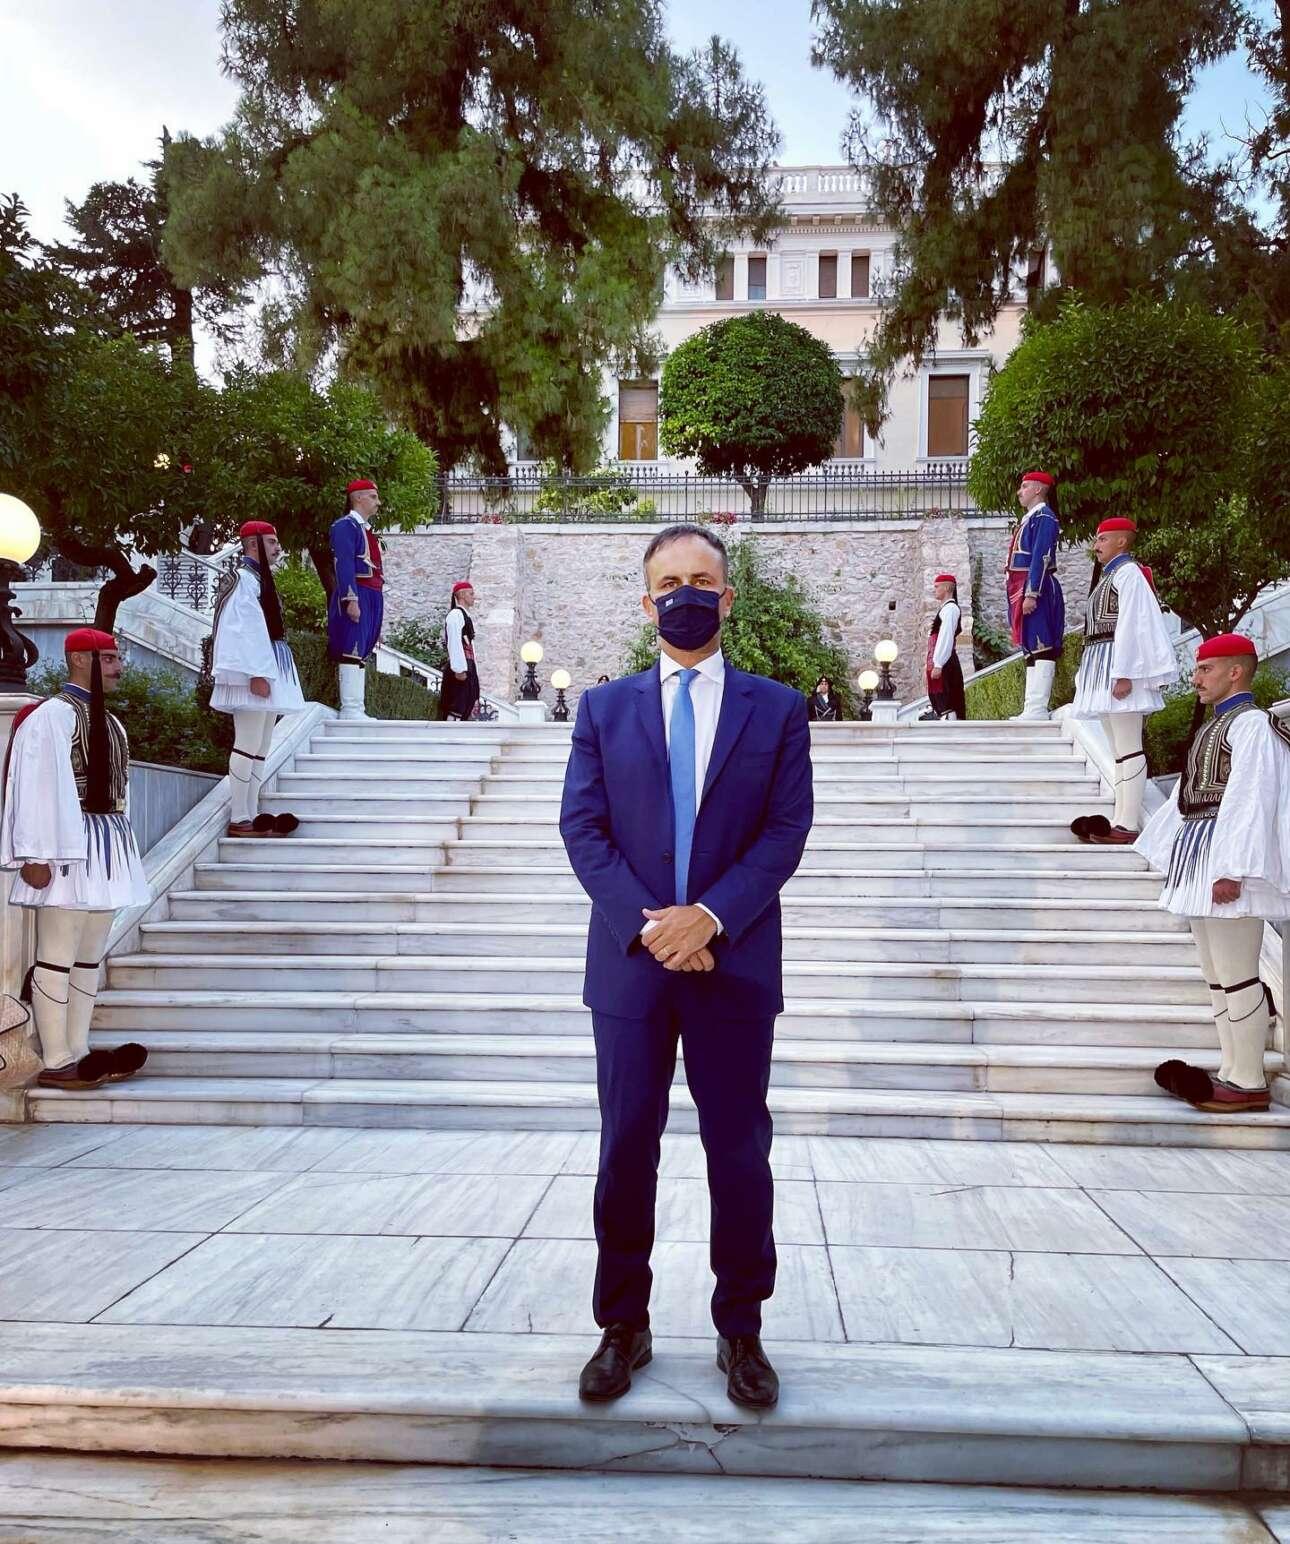 Ο επικεφαλής του Οικονομικού Γραφείου του Πρωθυπουργού Αλέξης Πατέλης, σε μια φωτογραφία που ανήρτησε ο ίδιος στα social media